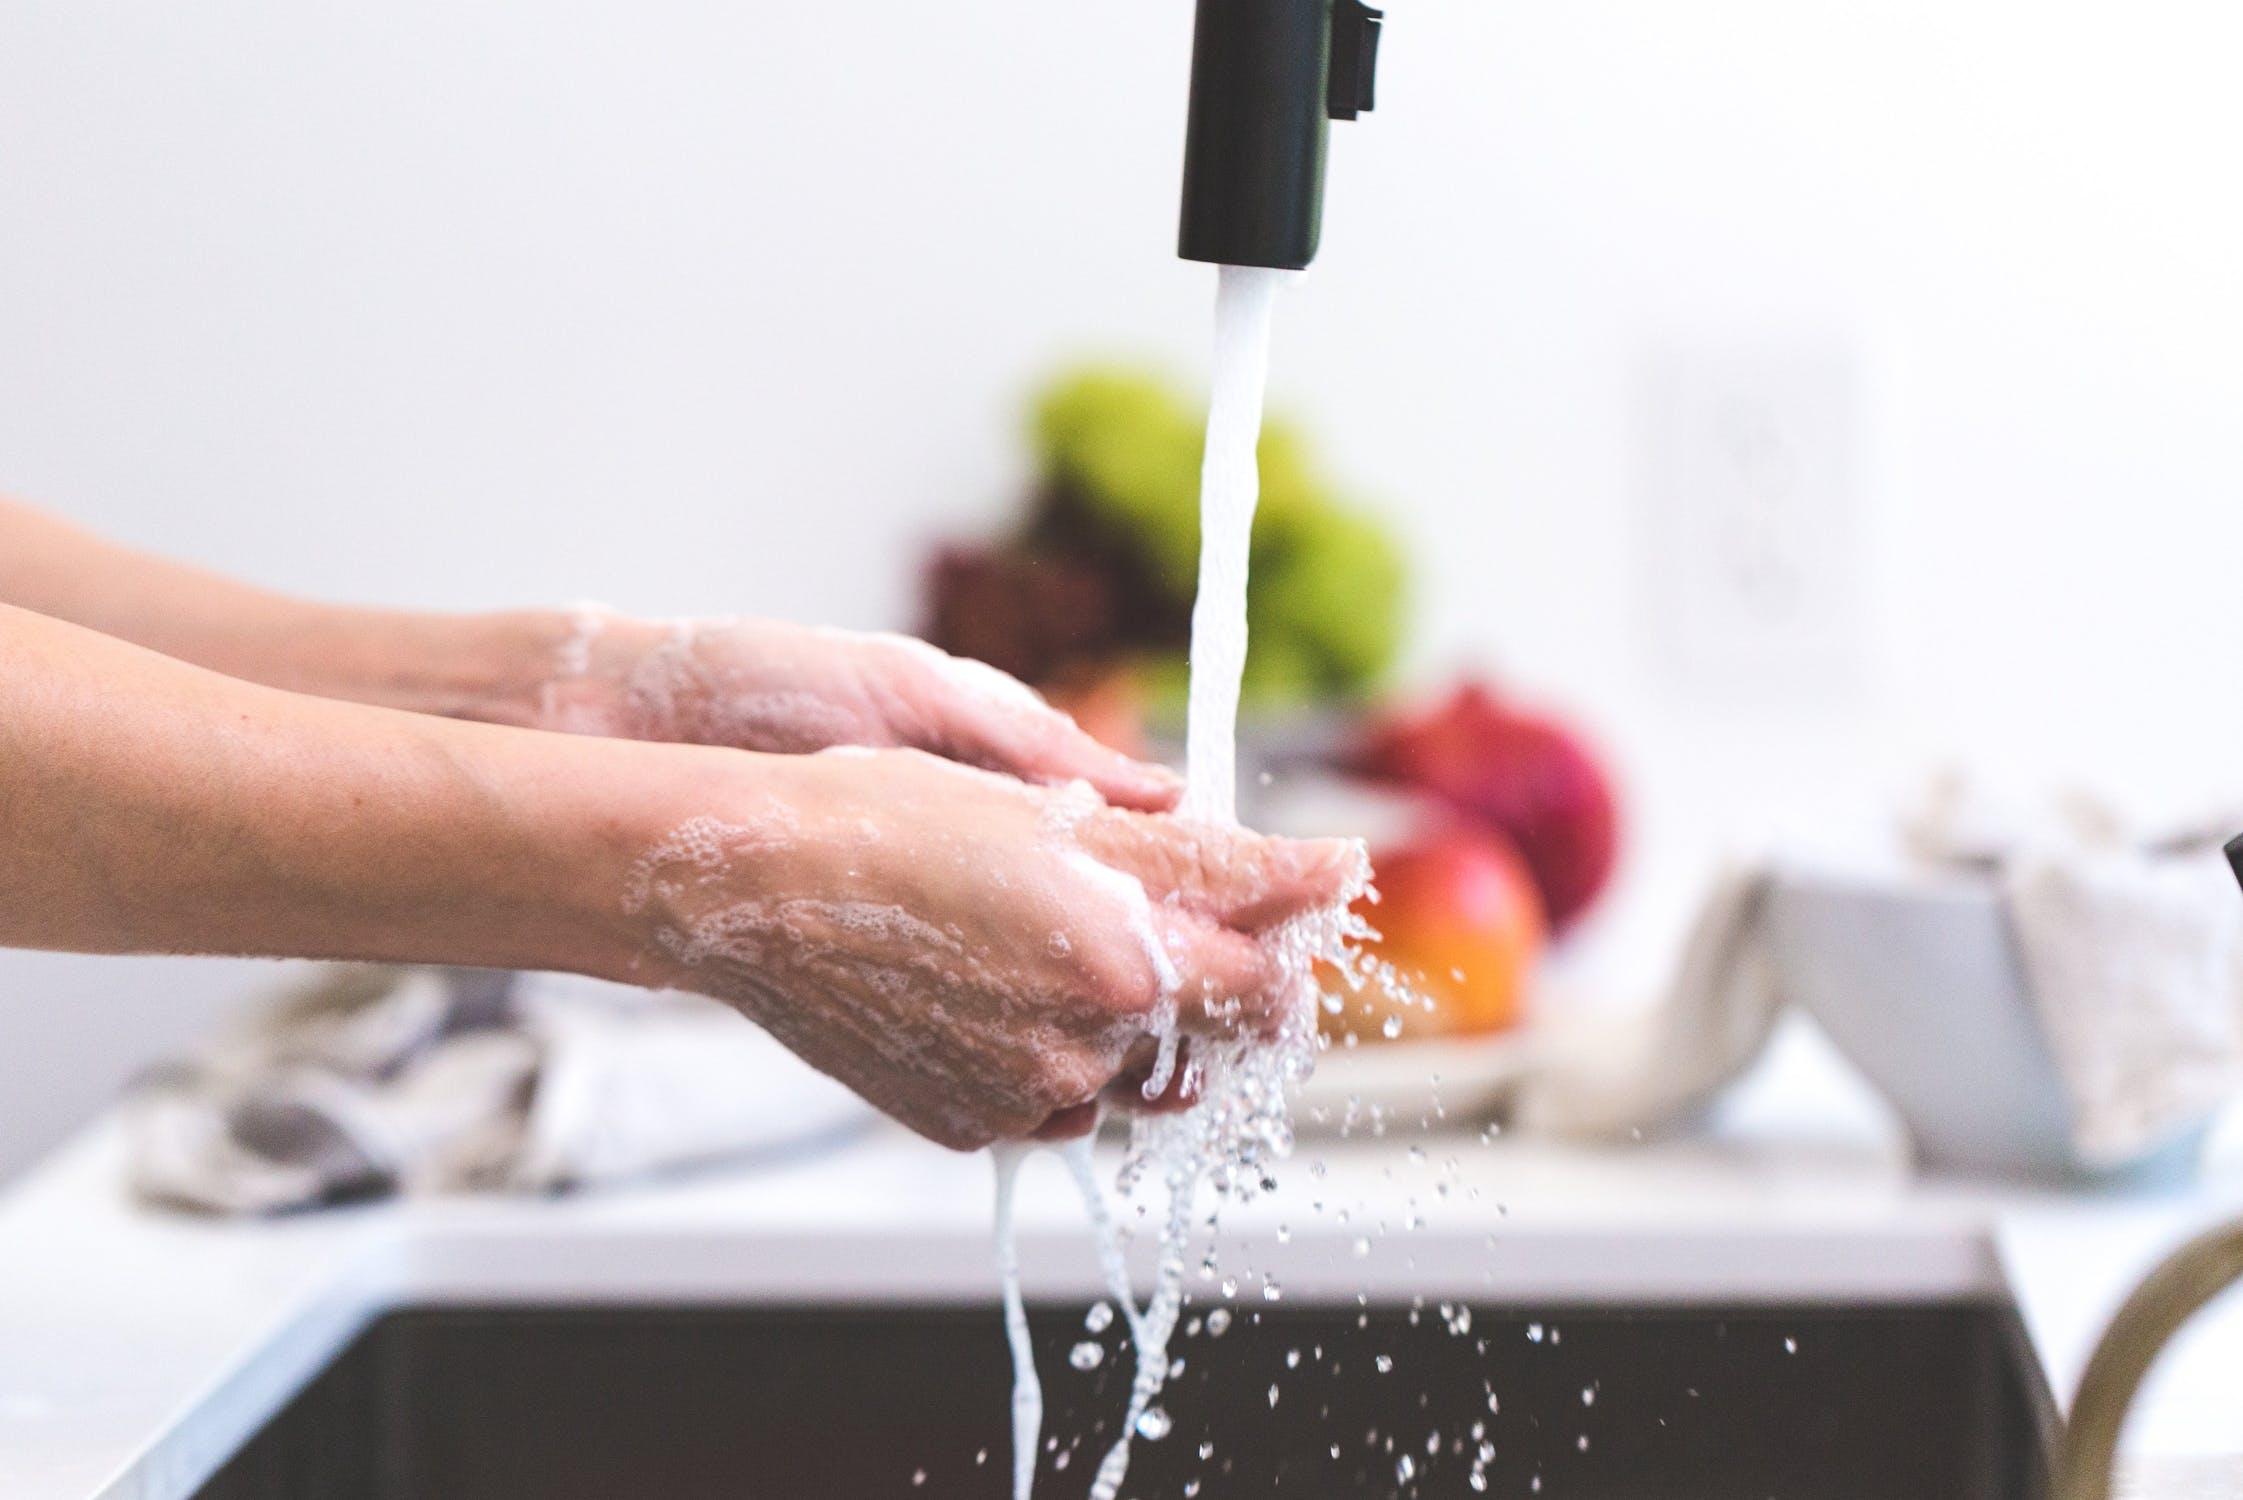 Recomendaciones De Higiene En La Cocina Durante La Pandemia Del Covid 19